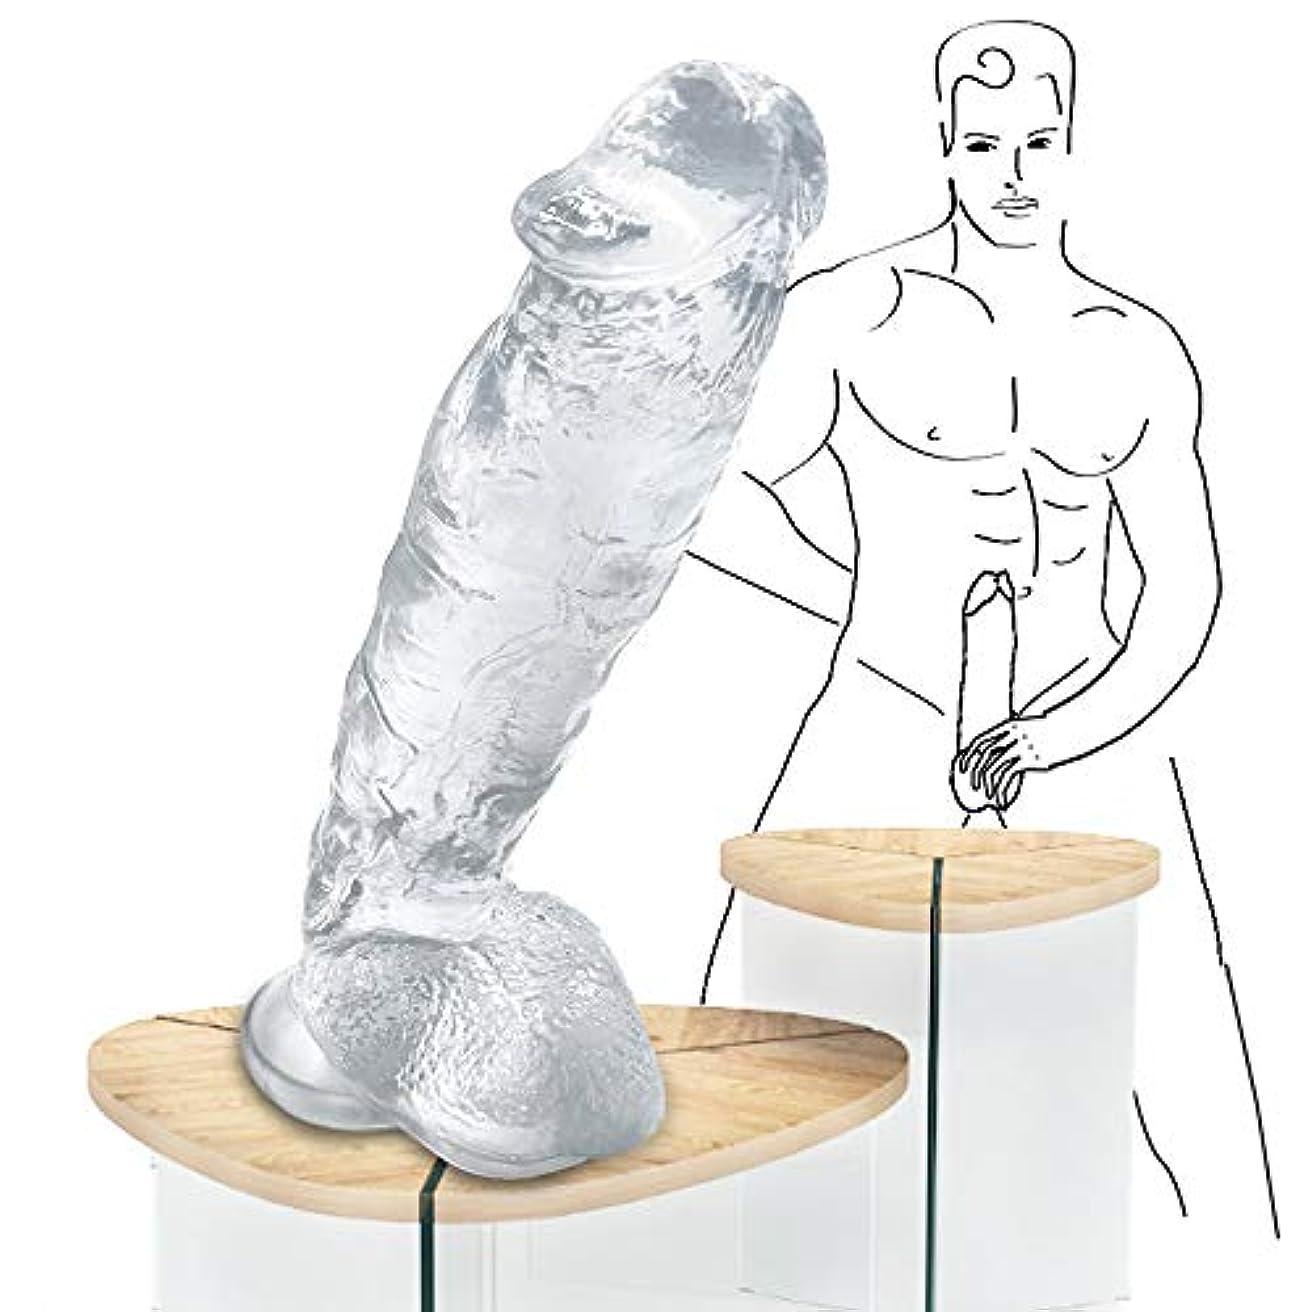 熱意手つかずの無法者男性の巨大な胴体、超大型ボディマッサージ、大規模な個人的なリラックスマッサージスティック - 透明